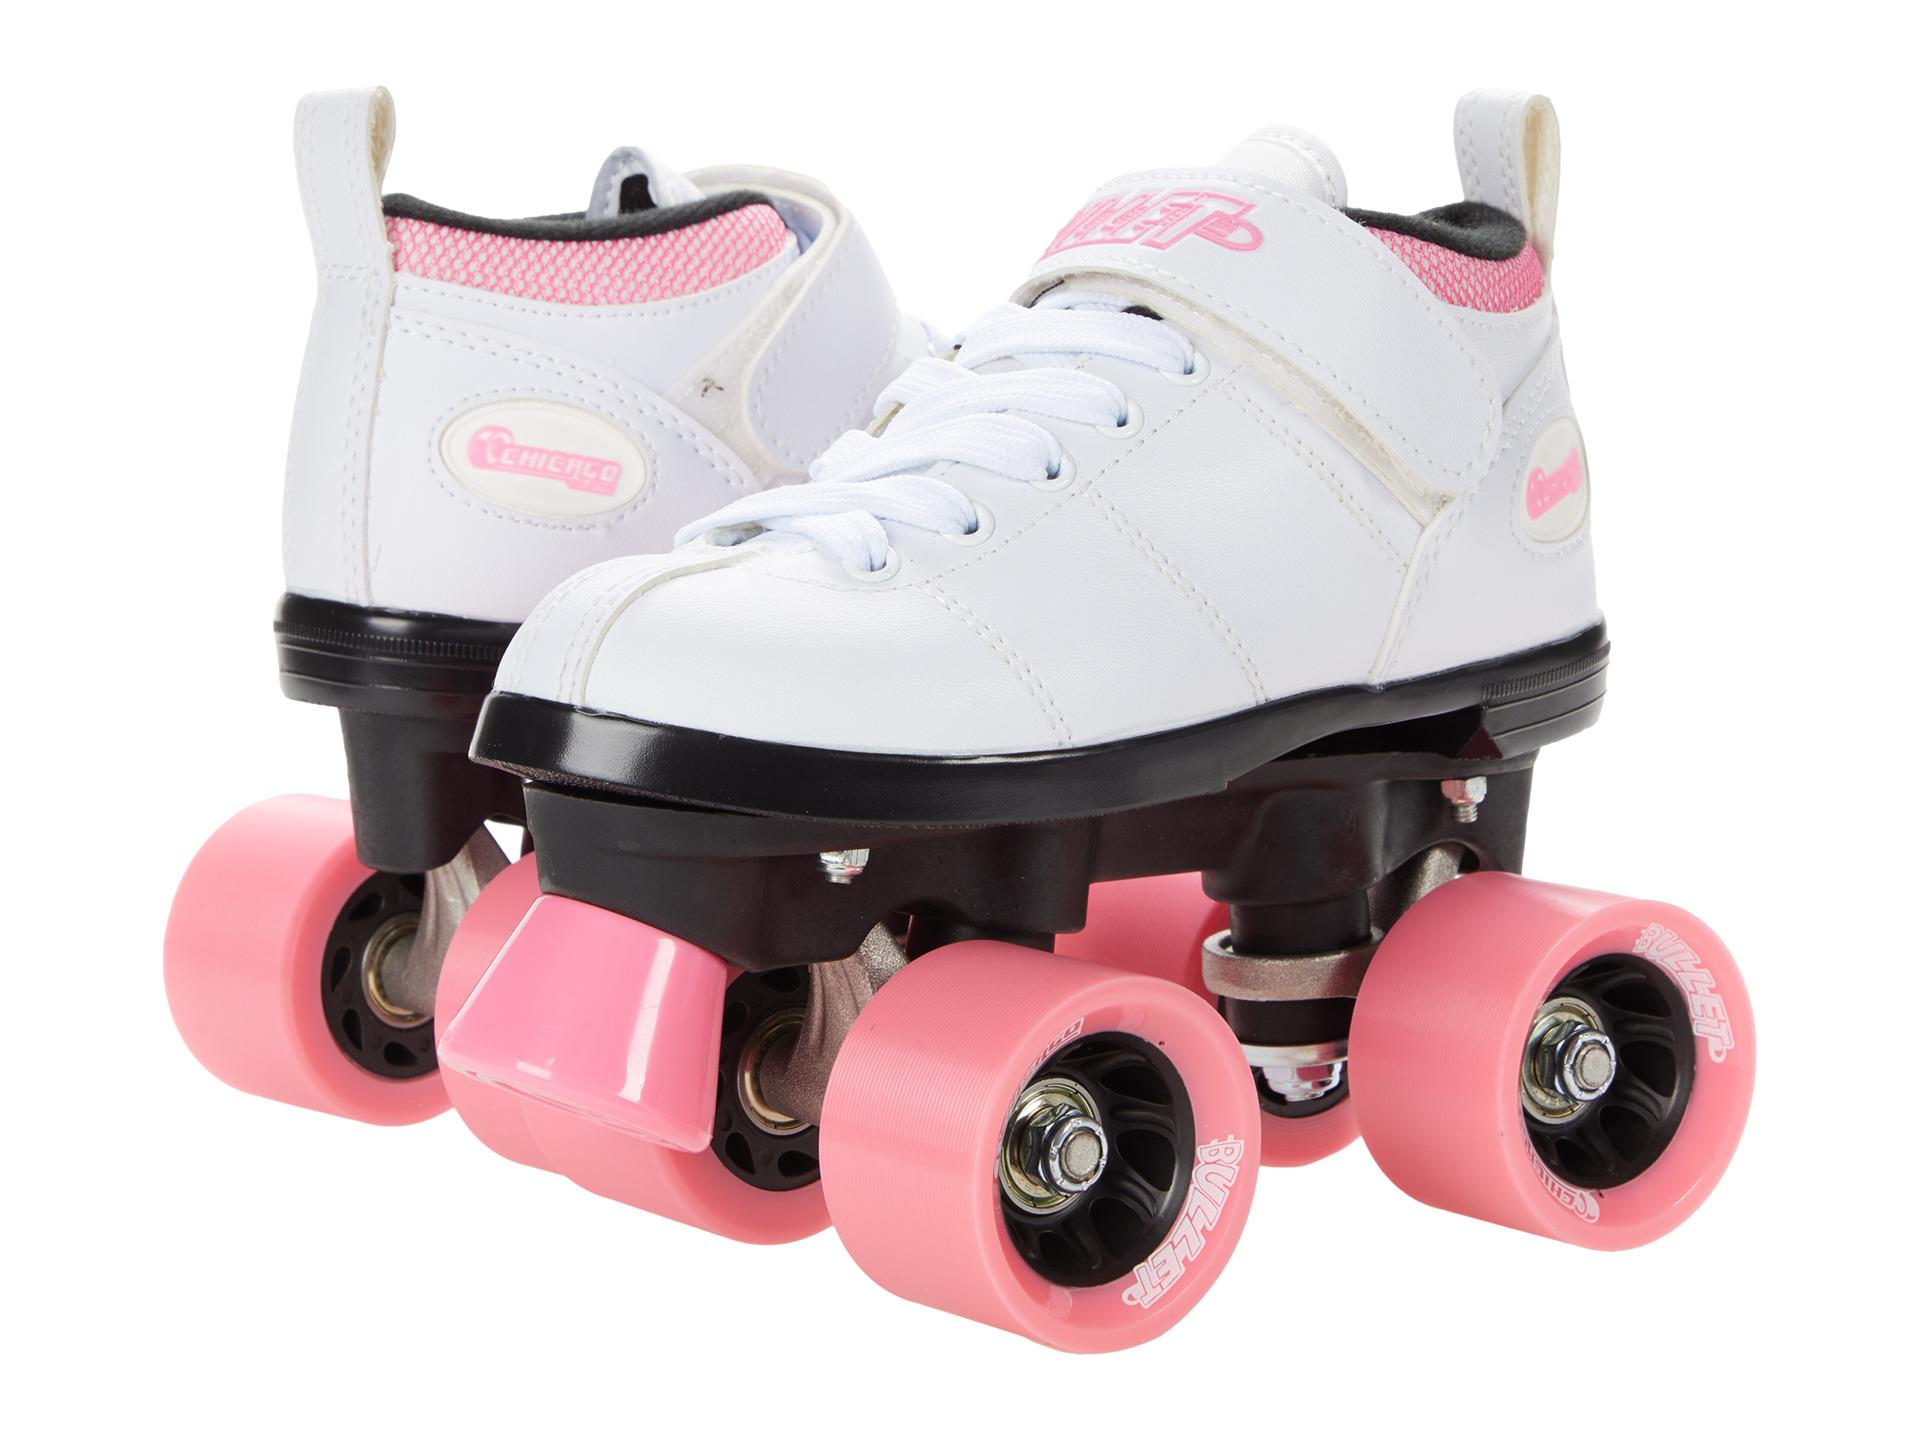 Roller skates las vegas - Chicago Skates Girls And Bullet Speed Skate